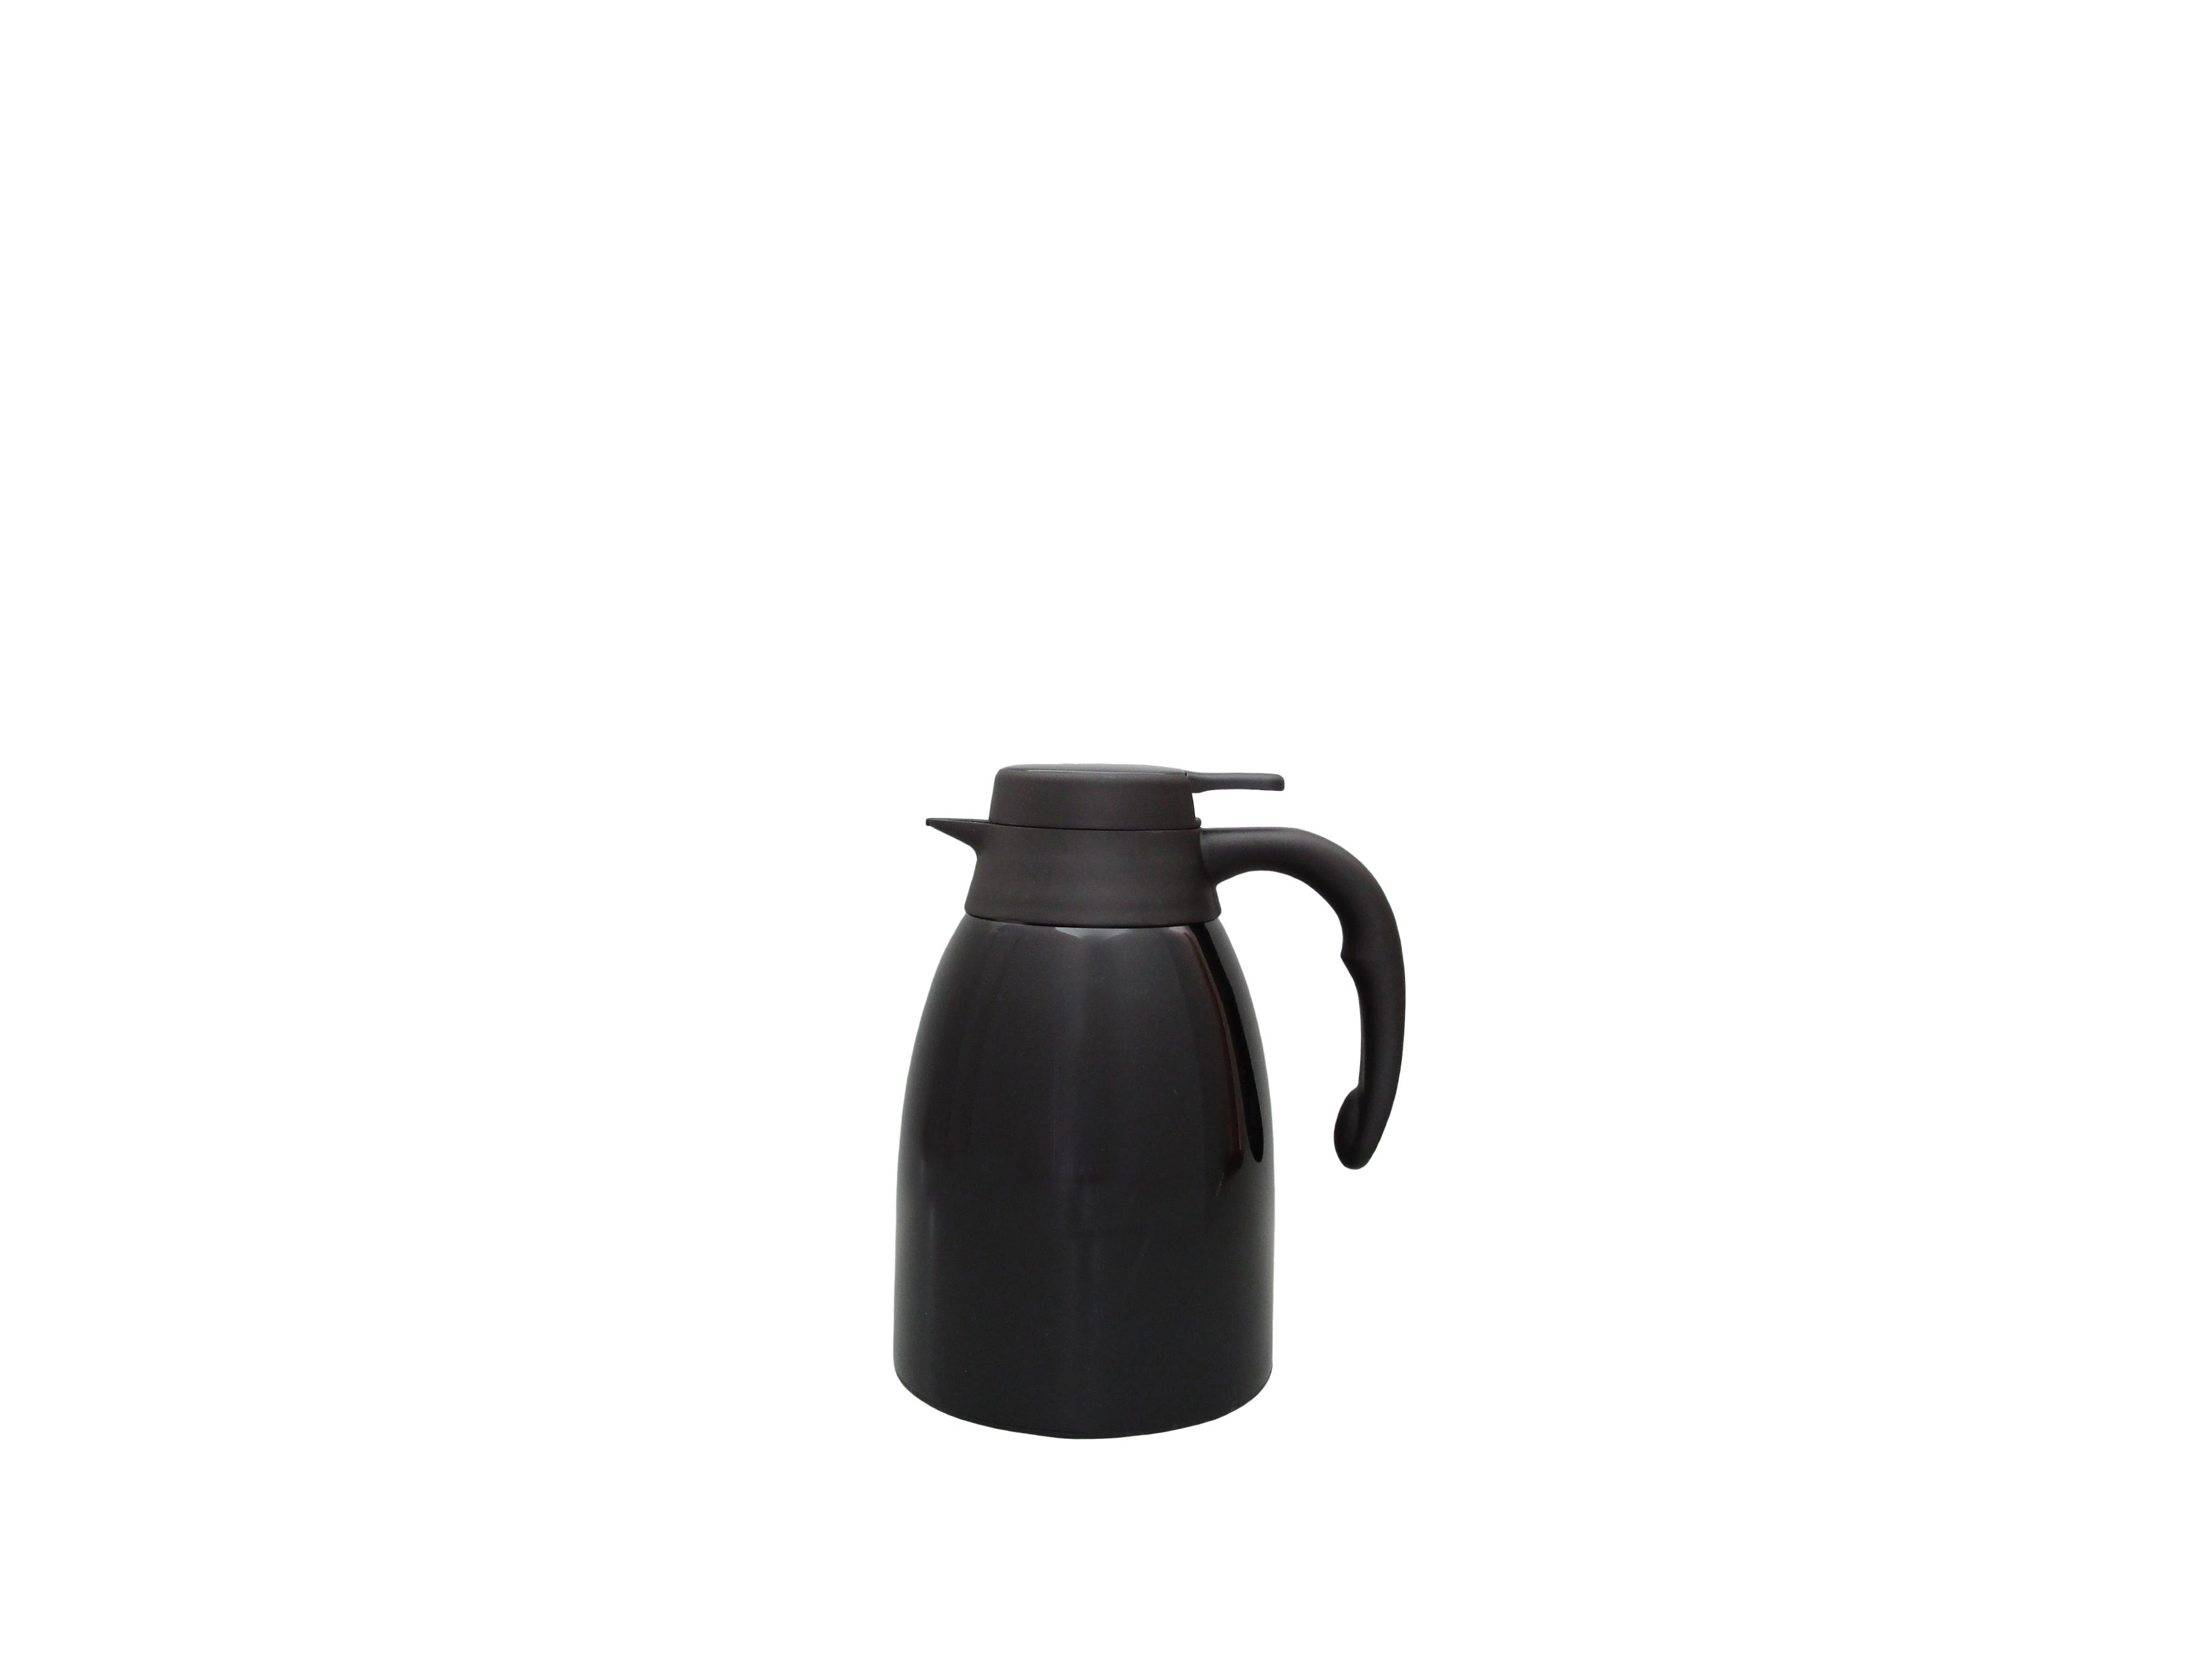 FUJI15-002 - Pichet isotherme incassable inox laqué noir 1.5 L - Isobel